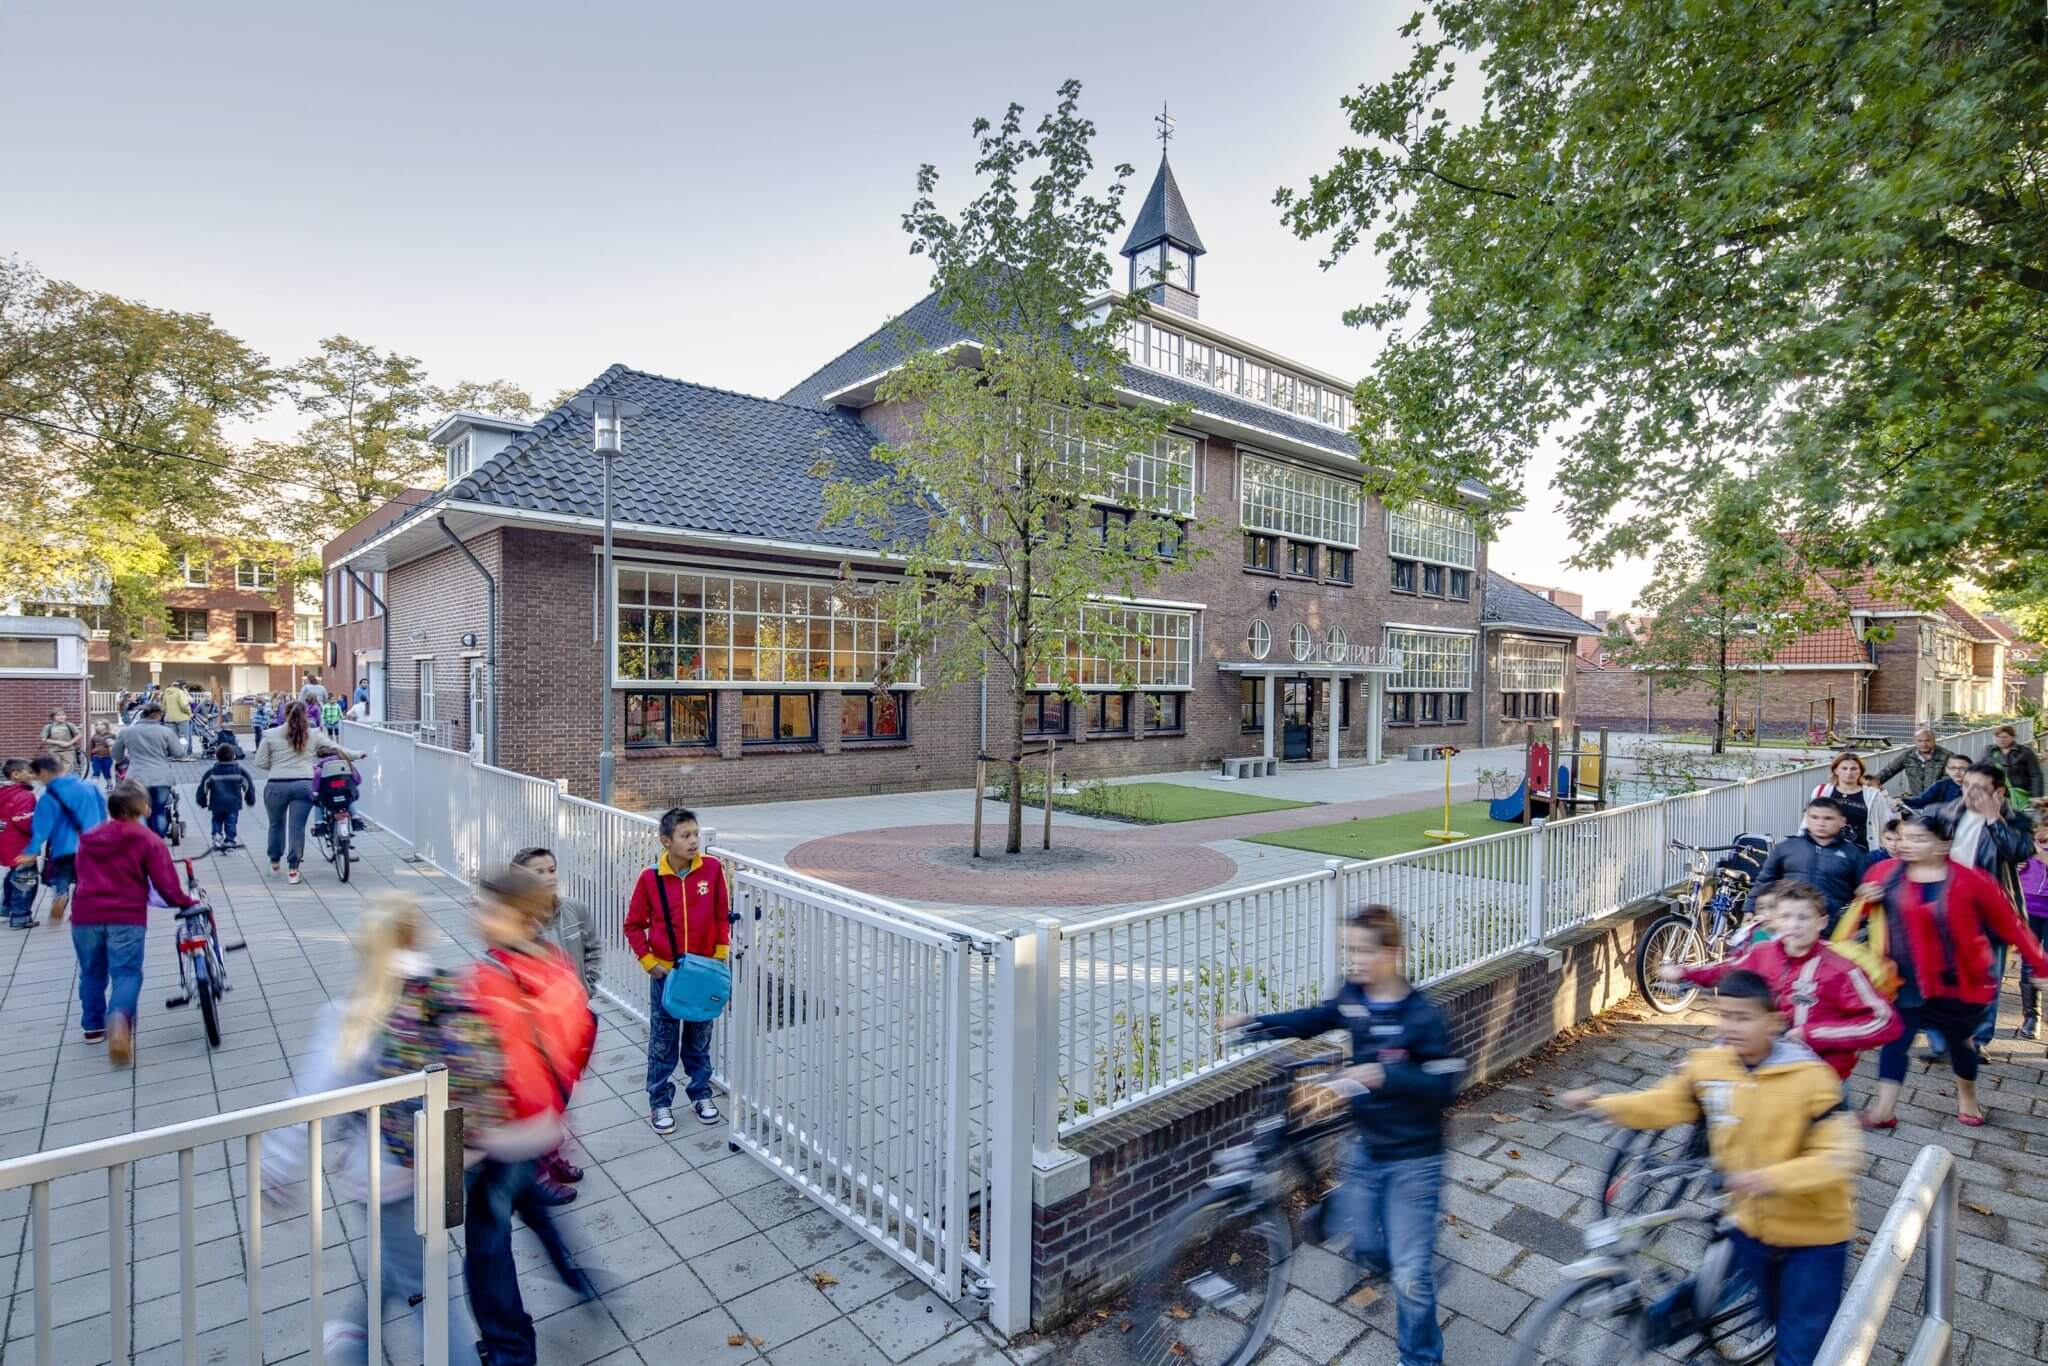 duurzaam monument Derde Philips school klokkentoren baksteen trappenhuis sociale woningbouw huurwoningen peuterspeelzaal ensemble tuinmuren